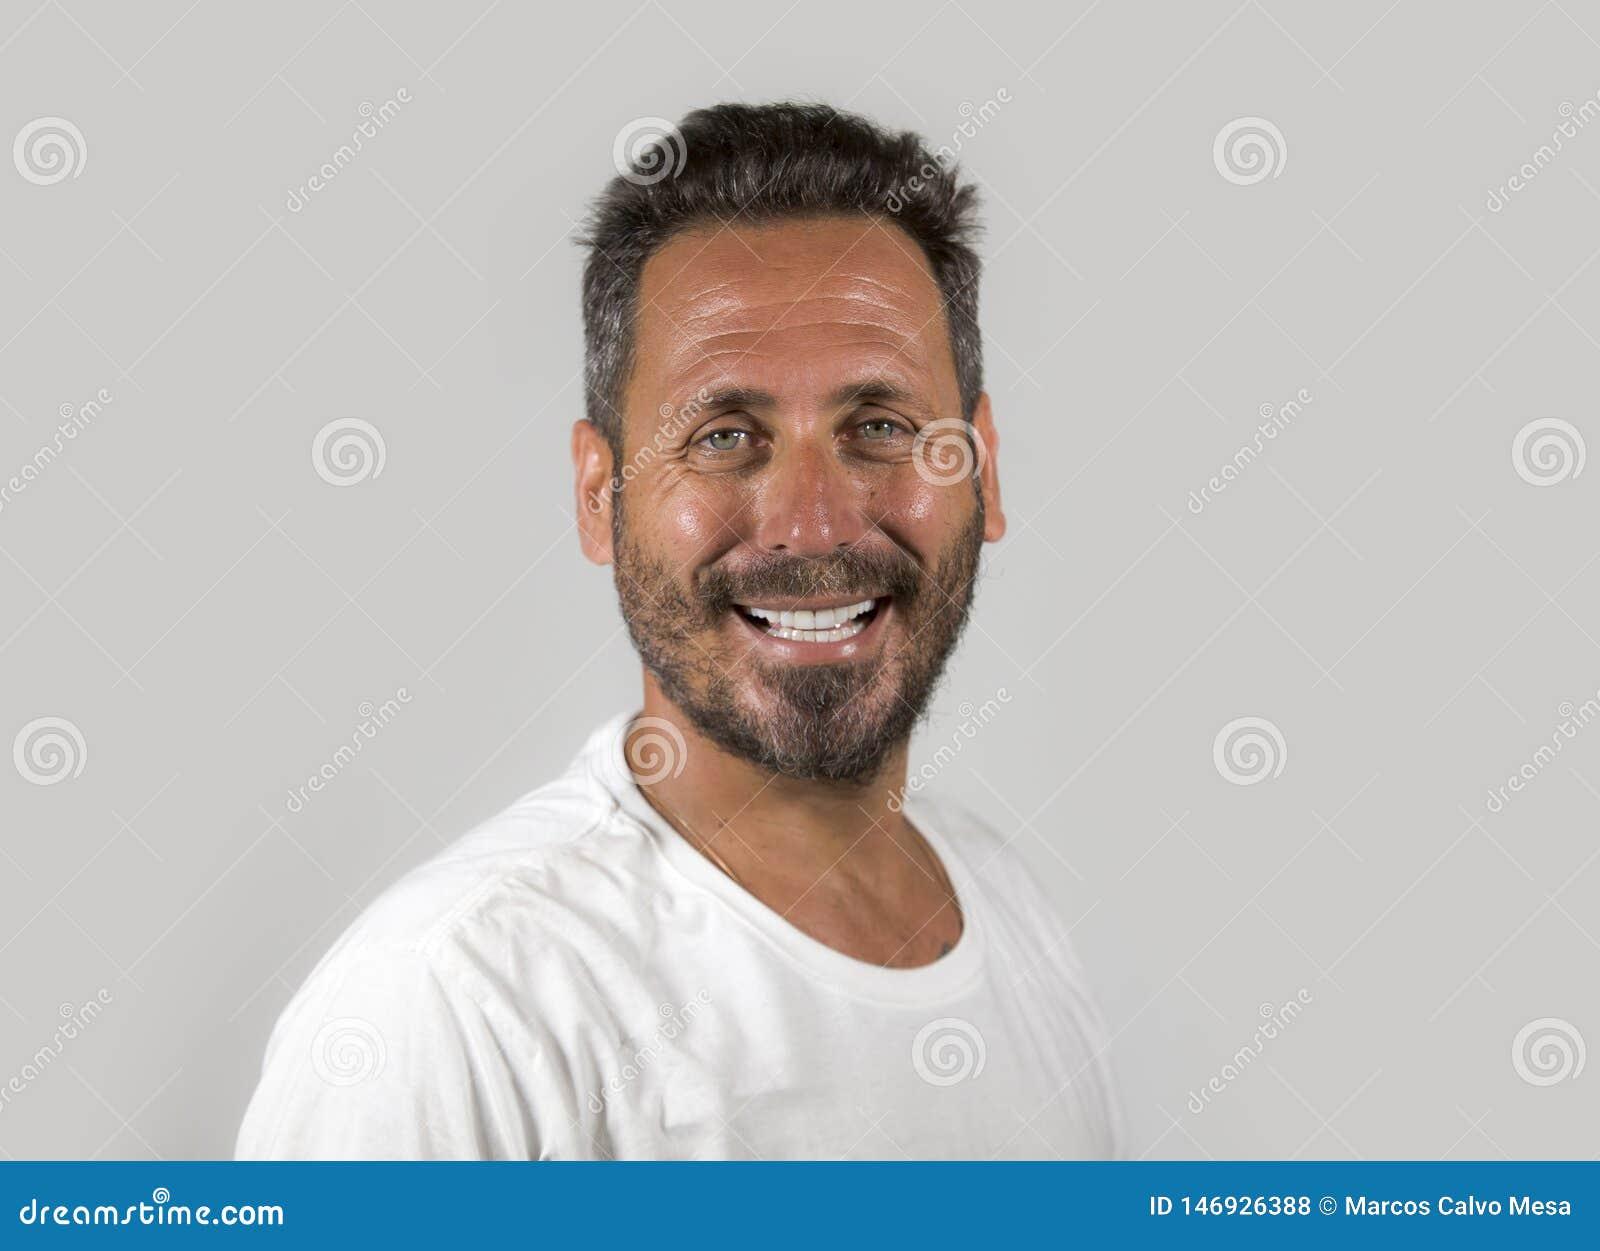 Portret van de jonge gelukkige en aantrekkelijke mens met blauwe ogen en baard die koele het glimlachen gelukkige en zekere drage